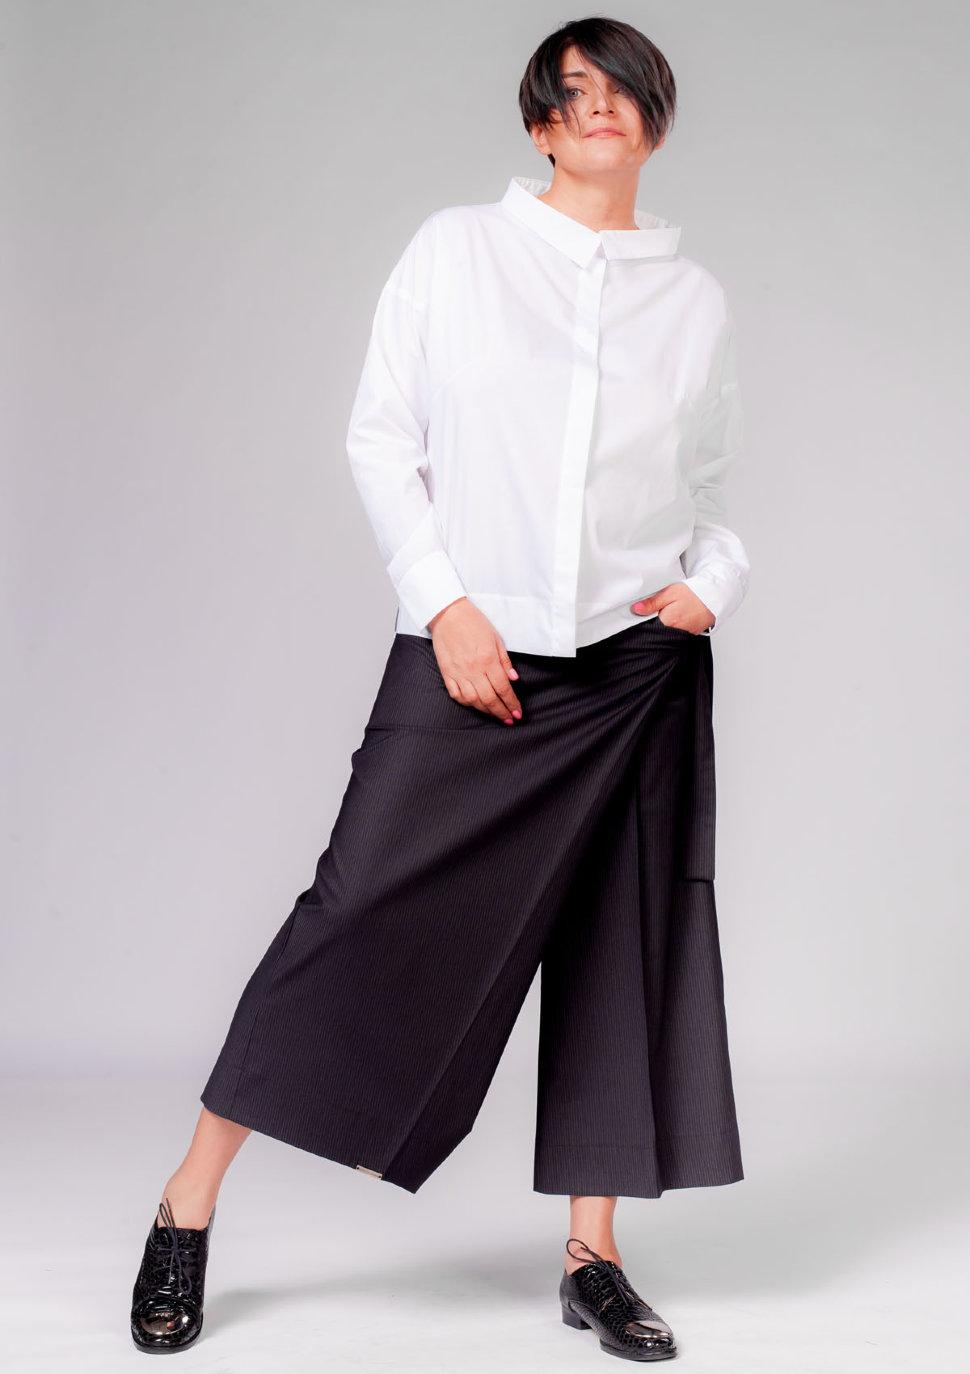 брюки весна лето 2019 года модные: кюлоты черные